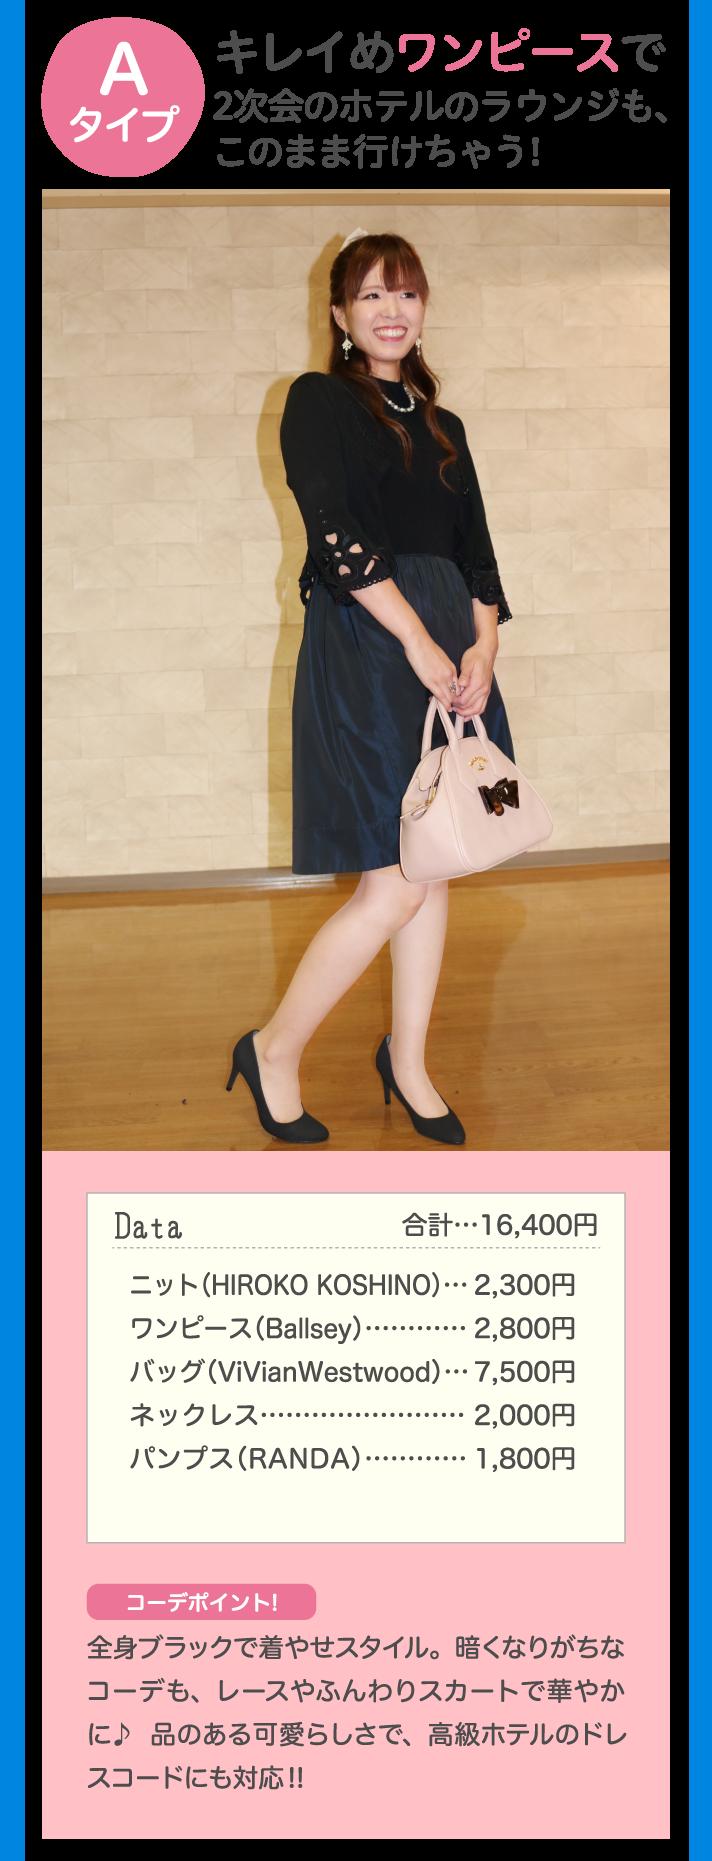 Aタイプ キレイめワンピースで2次会のホテルのラウンジも、このまま行けちゃう! Data 合計…16,400円 ニット(HIROKO KOSHINO) … 2,300円 ワンピース(Ballsey)…2,800円 バッグ(ViVianWestwood)…7,500円 ネックレス…2,000円 パンプス(RANDA)…1,800円 コーデポイント! 全身ブラックで着やせスタイル。暗くなりがちなコーデも、レースやふんわりスカートで華やかに♪品のある可愛らしさで、高級ホテルのドレスコードにも対応!!